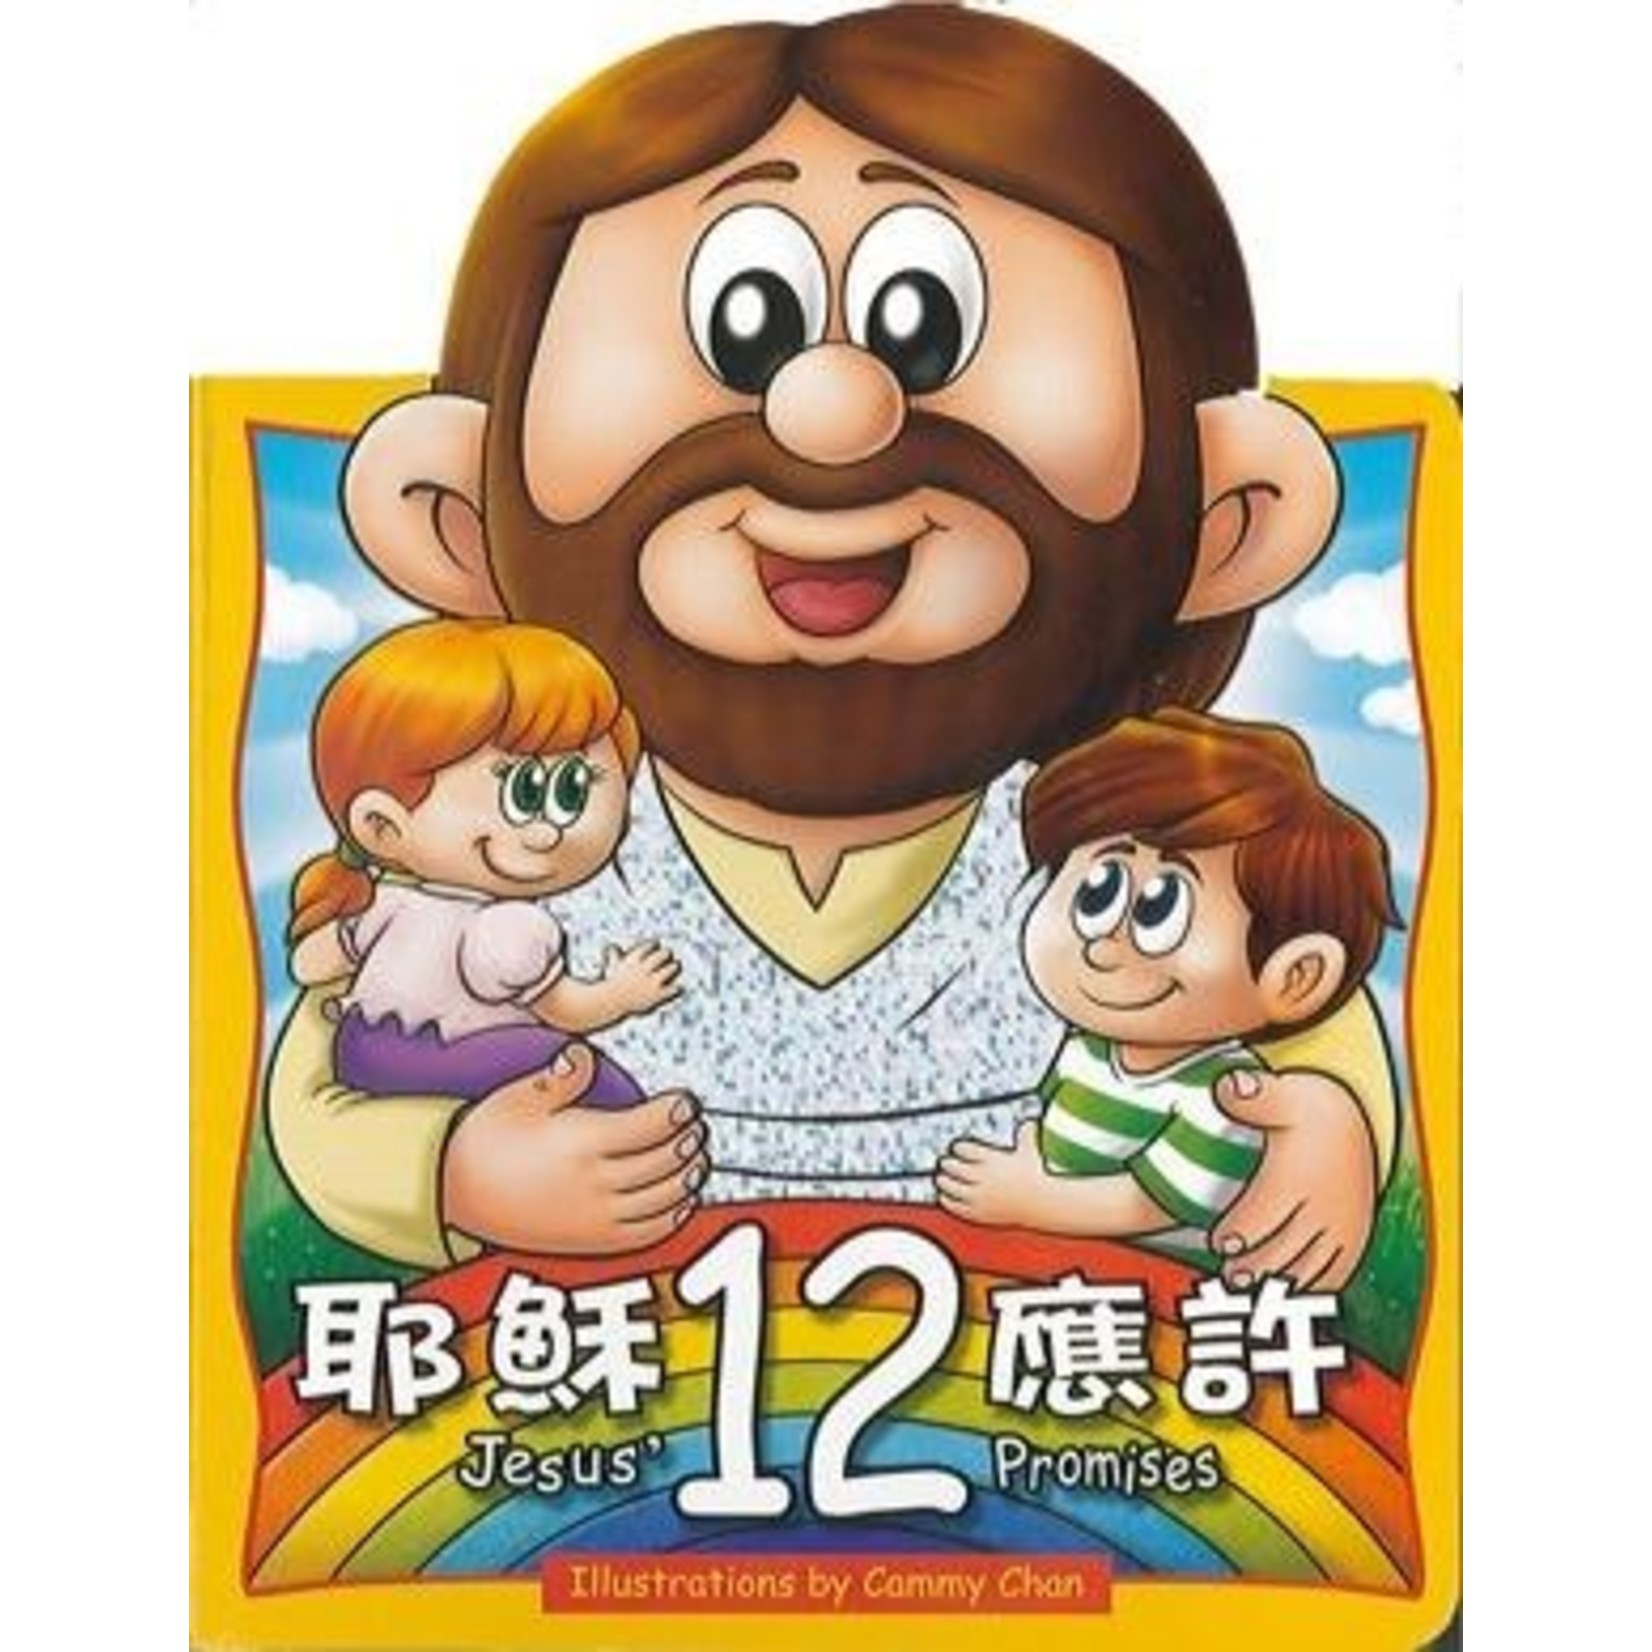 純真 Mount-kidz 耶穌12應許(中英對照)(繁體) Jesus' 12 Promises